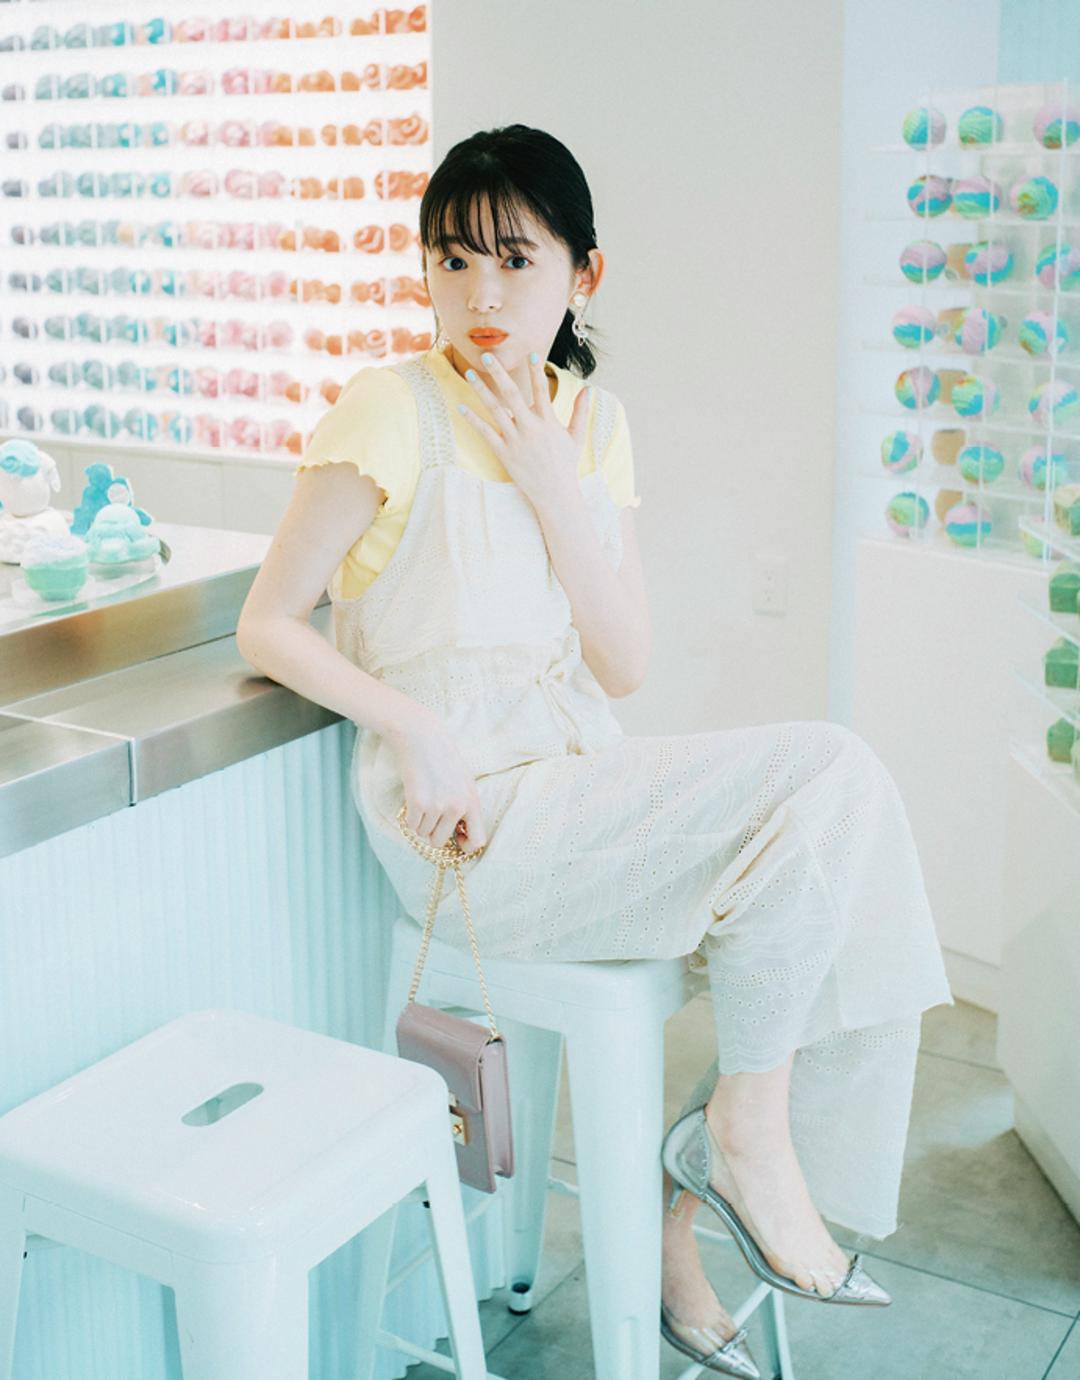 りんくまお気に入りスポット♡誕プレ探しにも◎いい香りの幸せ空間『LUSH 原宿店』